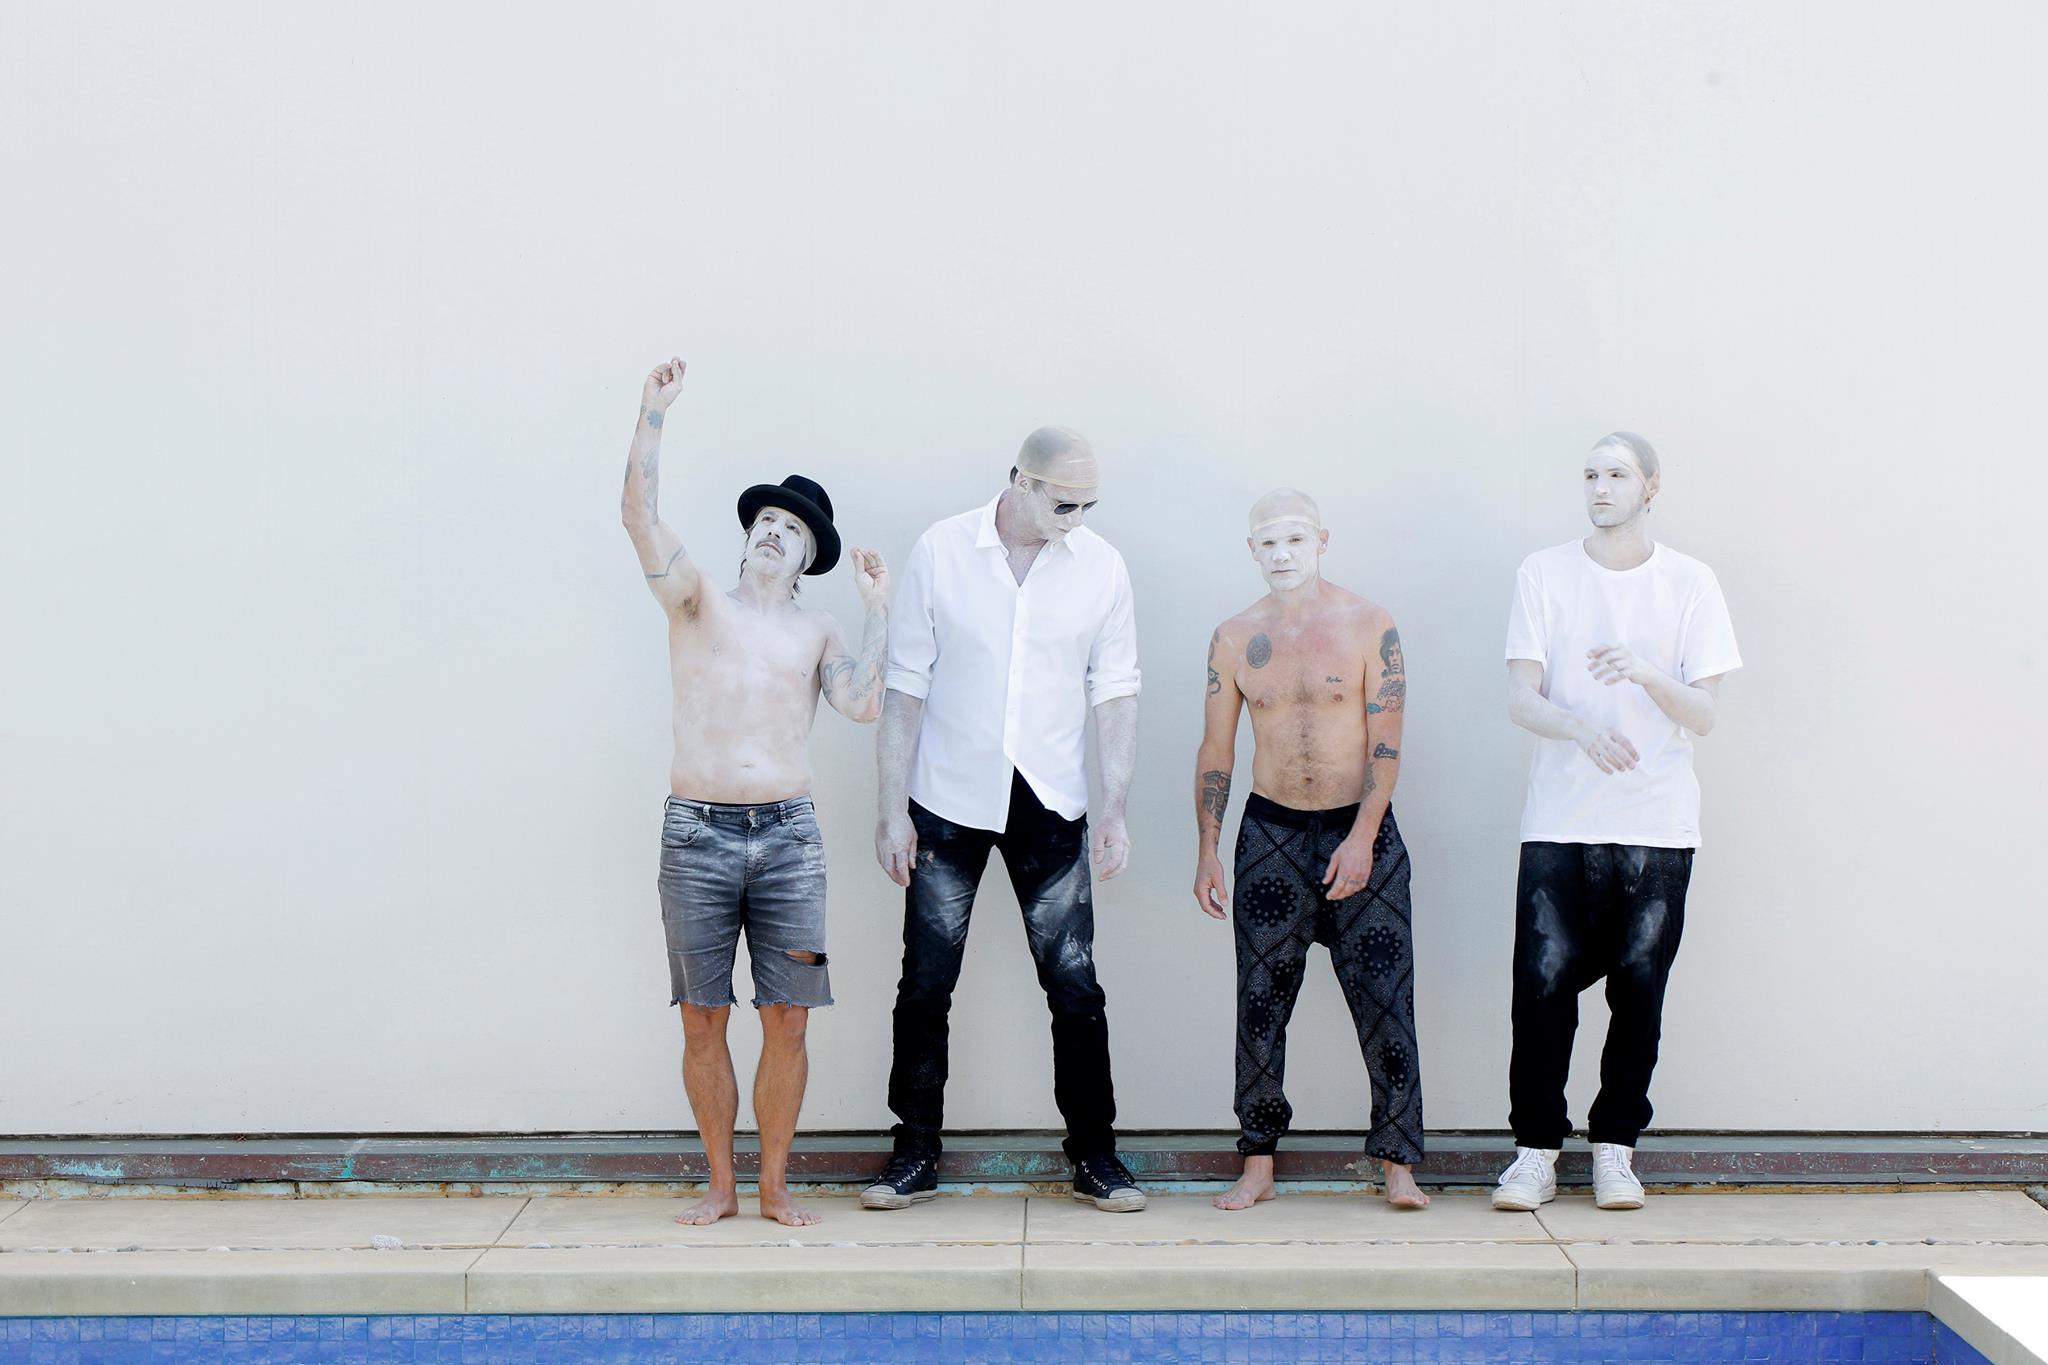 Musica Internazionale, Concerti. I Red Hot Chili Peppers saranno headliner al Firenze Rocks 2020